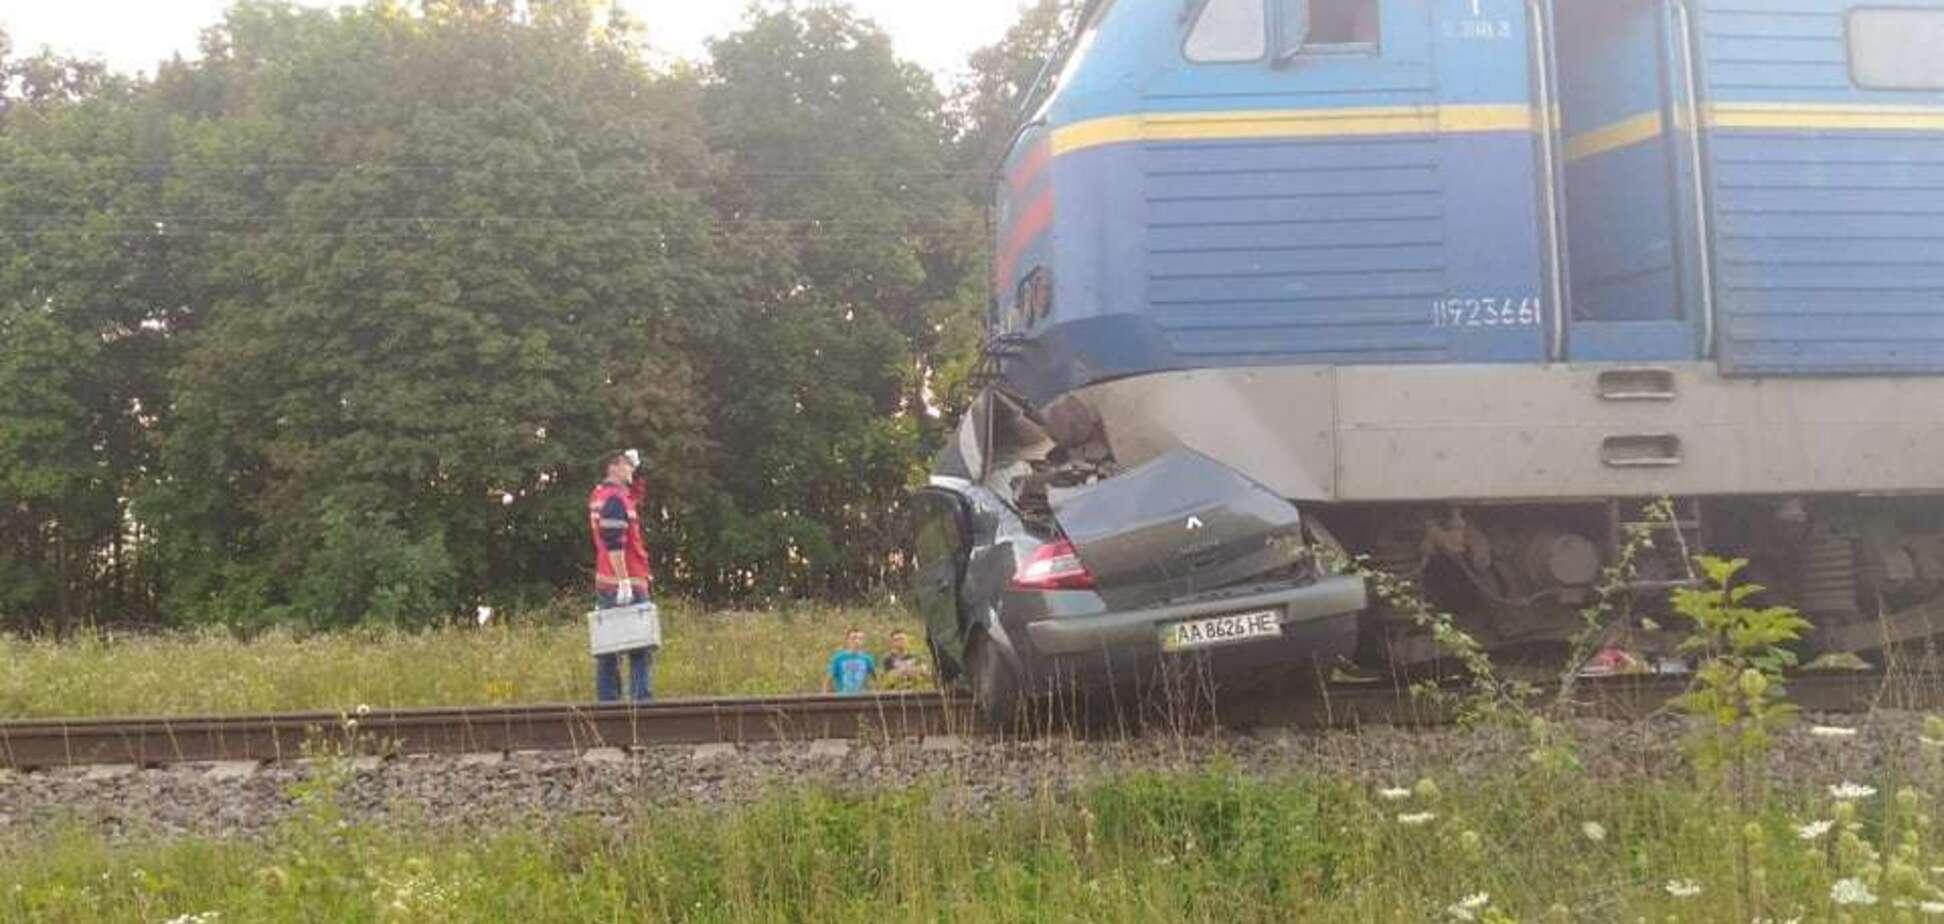 Під Києвом пасажирський потяг розчавив авто: фото смертельної трагедії